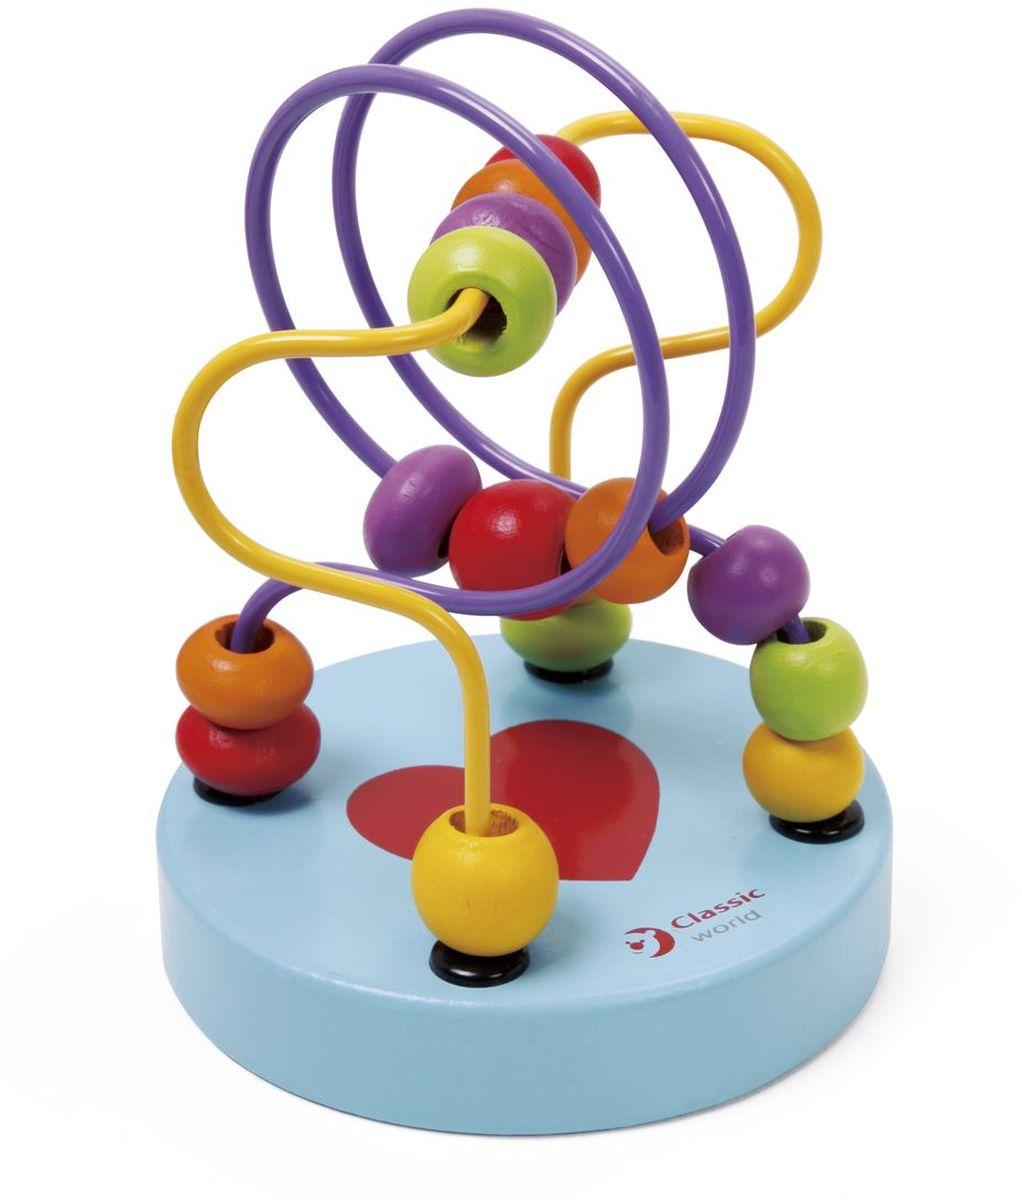 Classic World Сортер-лабиринт Бусины и горки3647Проведи бусинки по хитросплетённым лабиринтам! Разнообразные бусинки познакомят ребёнка в простой и занятной игровой форме с базовыми цветами. Игра прекрасно способствует развитию логики, мышления и мелкой моторики. Игрушка удобна тем, что ее можно брать в дорогу и на прогулки. Игрушка выполнена из высококачественных материалов, а значит вы будете уверены в безопасности вашего ребёнка. Уважаемые клиенты! Обращаем ваше внимание, что цвет бусин и горок может меняться, в зависимости от прихода товара на склад